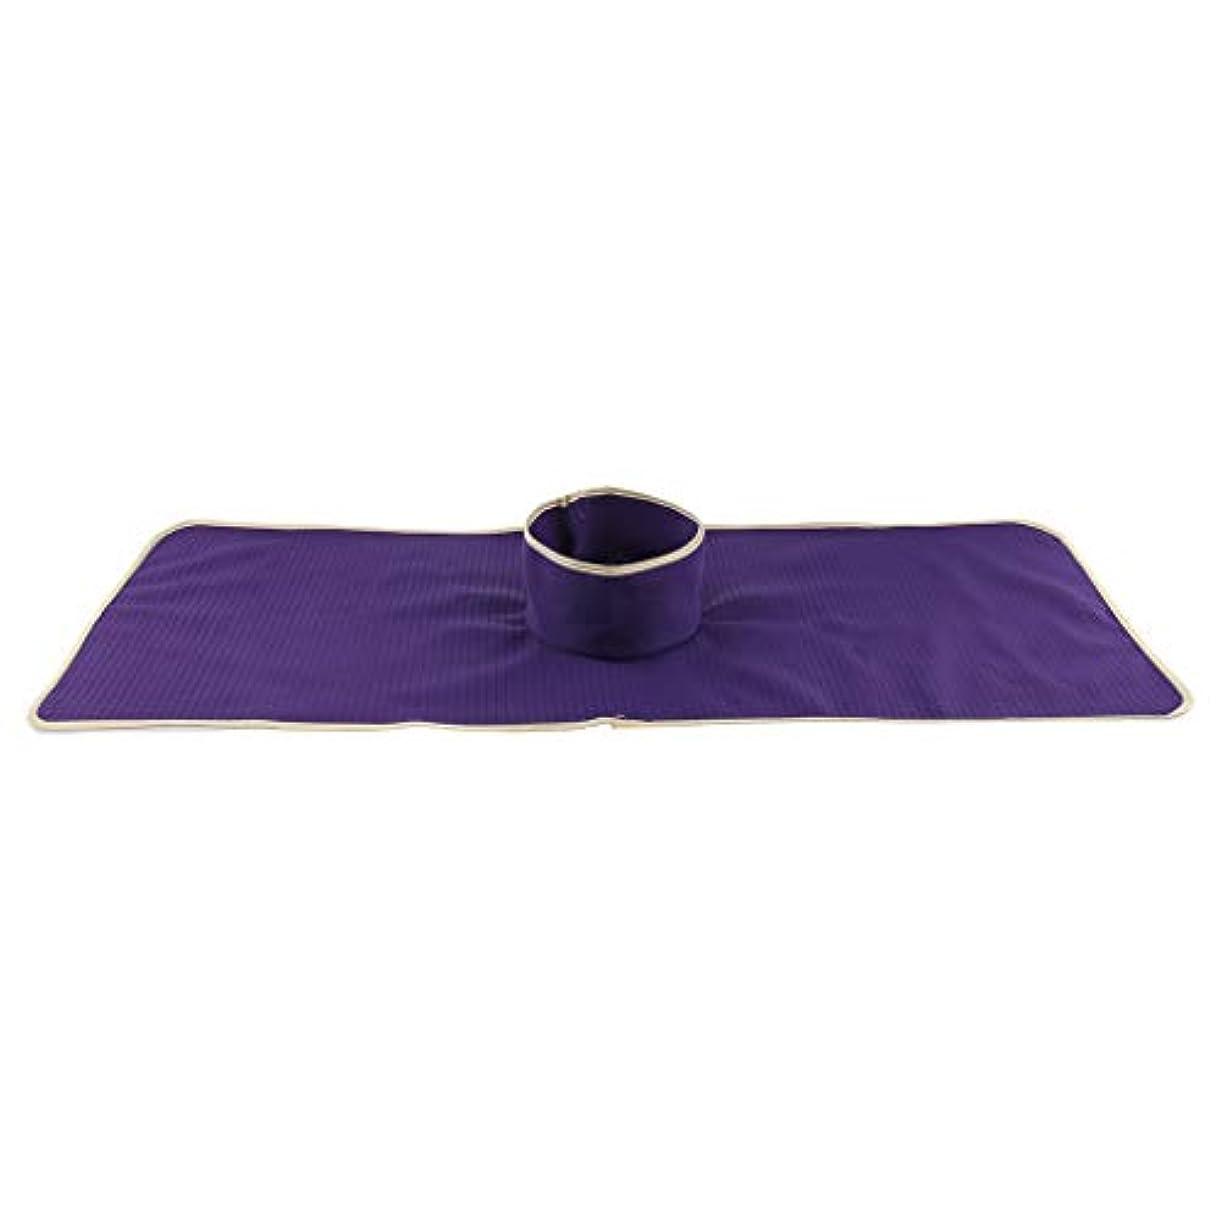 絶対のおなかがすいたロック解除マッサージのベッド用 パッド マット 顔の穴付き 洗える 約90×35cm 全3色 - 紫